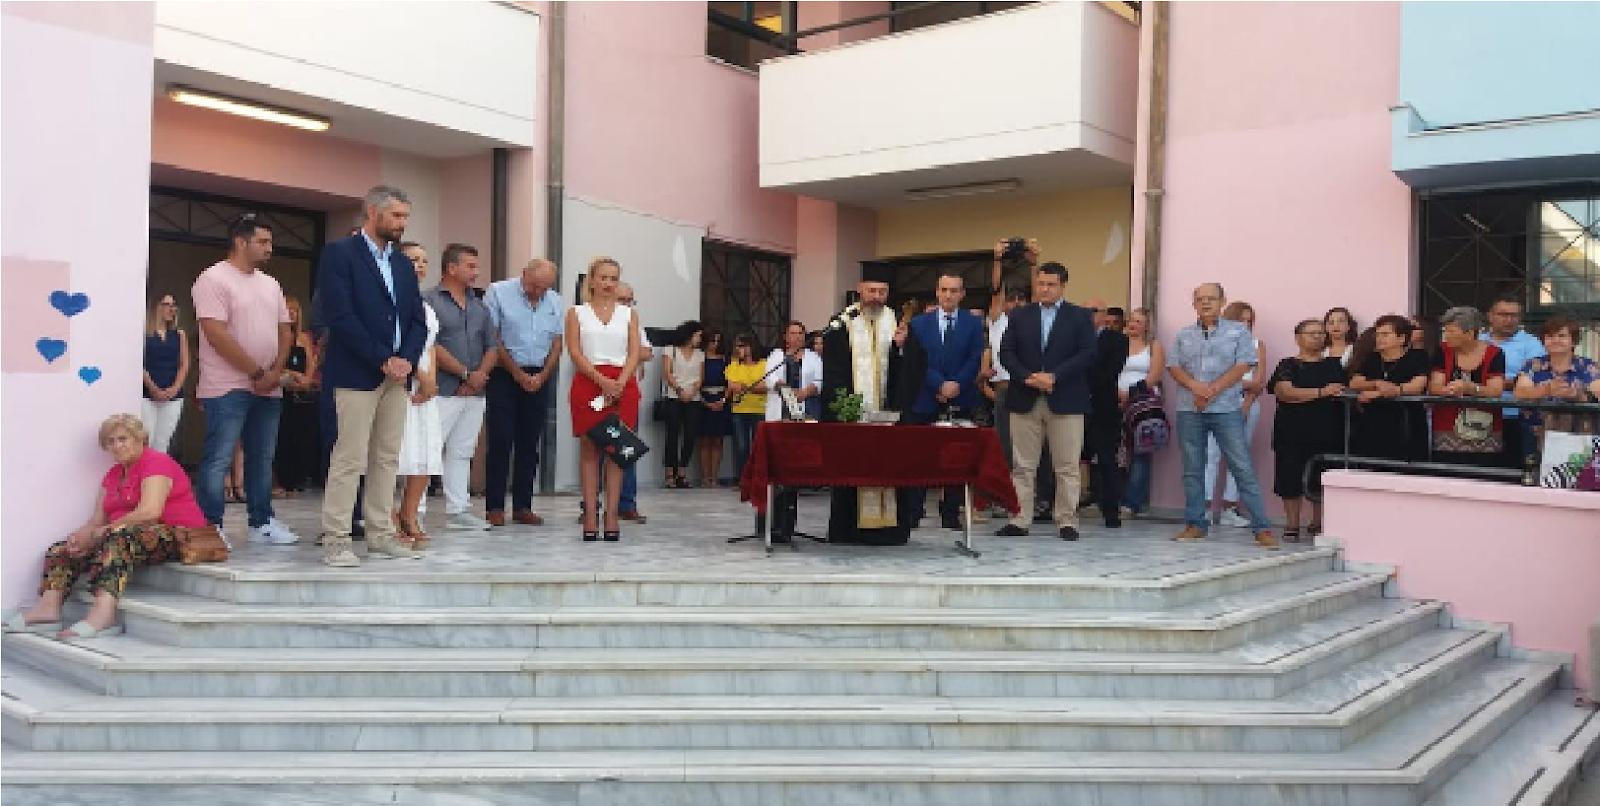 Ο Περιφερειακός Διευθυντής Εκπαίδευσης Κεντρικής Μακεδονίας, κ.  Κόπτσης Α. με τον Περιφερειάρχη Κεντρικής Μακεδονίας κ.  Τζιτζικώστα Α. στον Αγιασμό Σχολικών Μονάδων